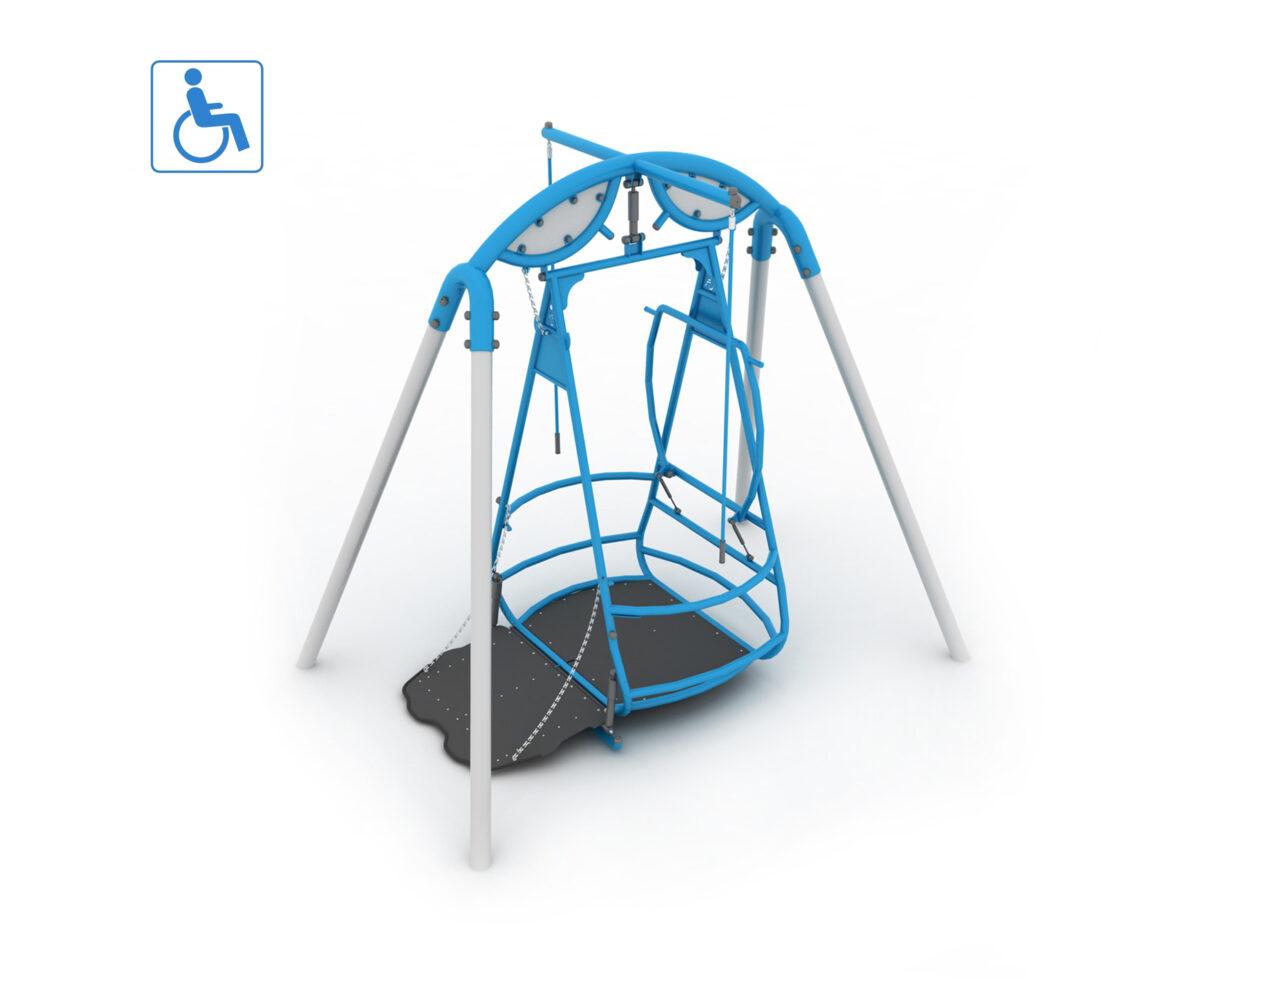 Huśtawka dla osób na wózkach inwalidzkich Huśtawka integracyjna dla dzieci na wózkach inwalidzkich oraz niepełnosprawnych na plac zabaw